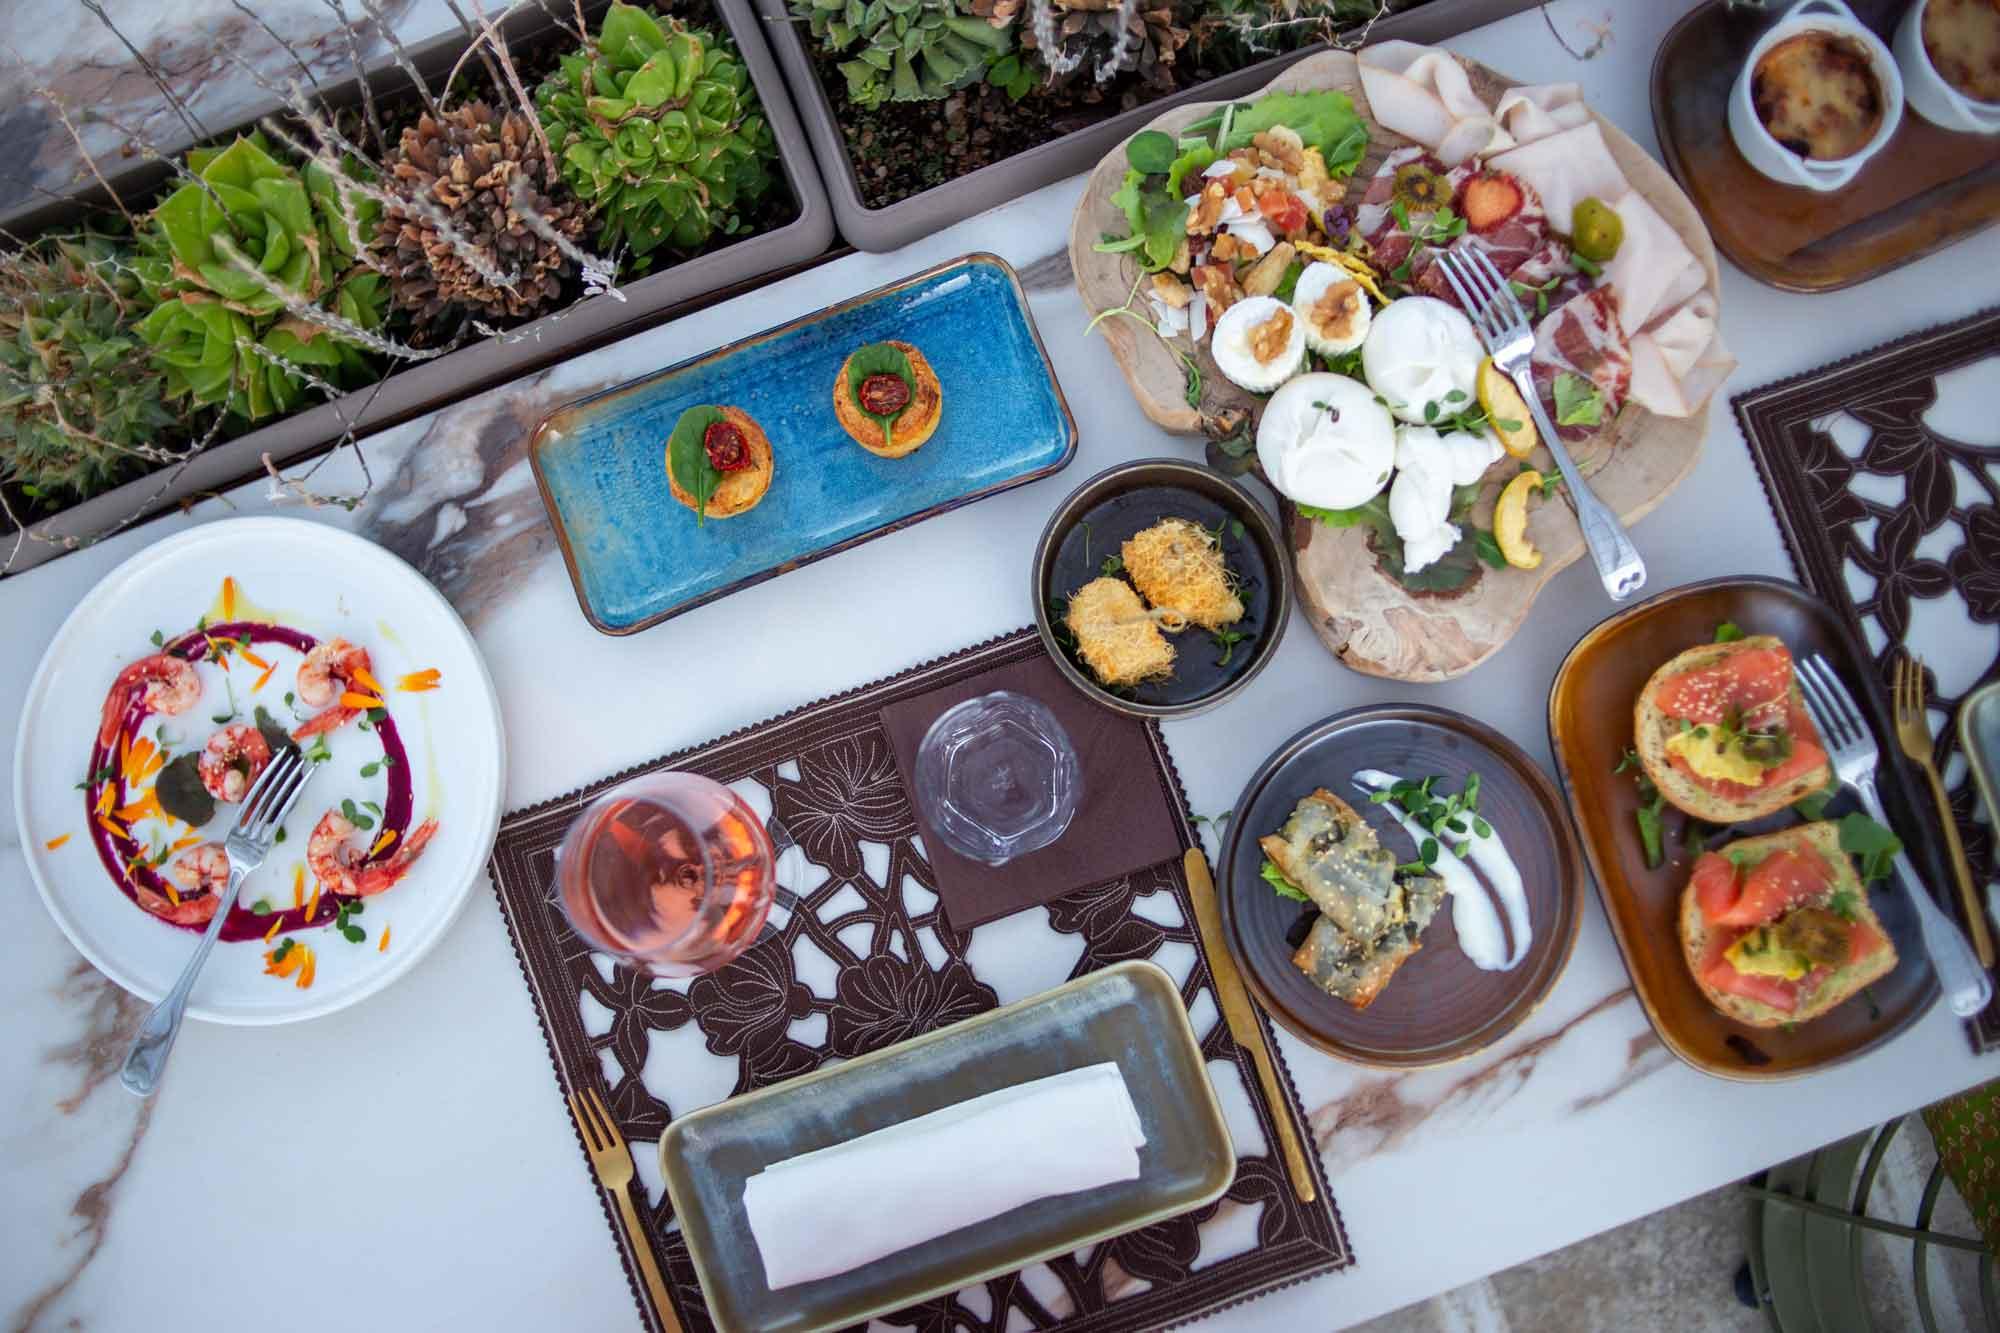 la tradizione dell'aperitivo in terrazza